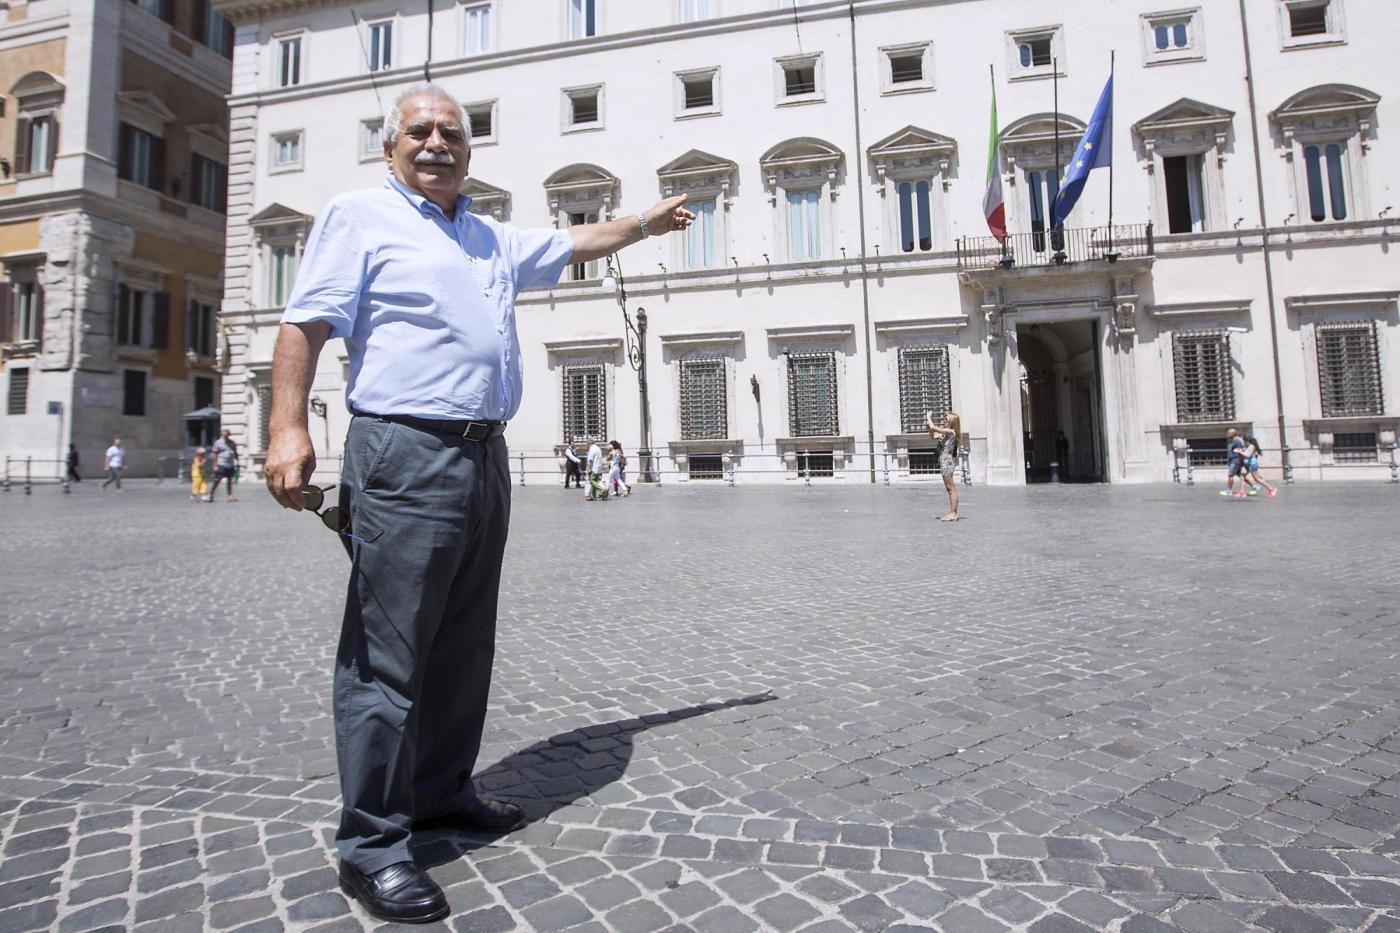 Continua la protesta del prof. Severino Antinori